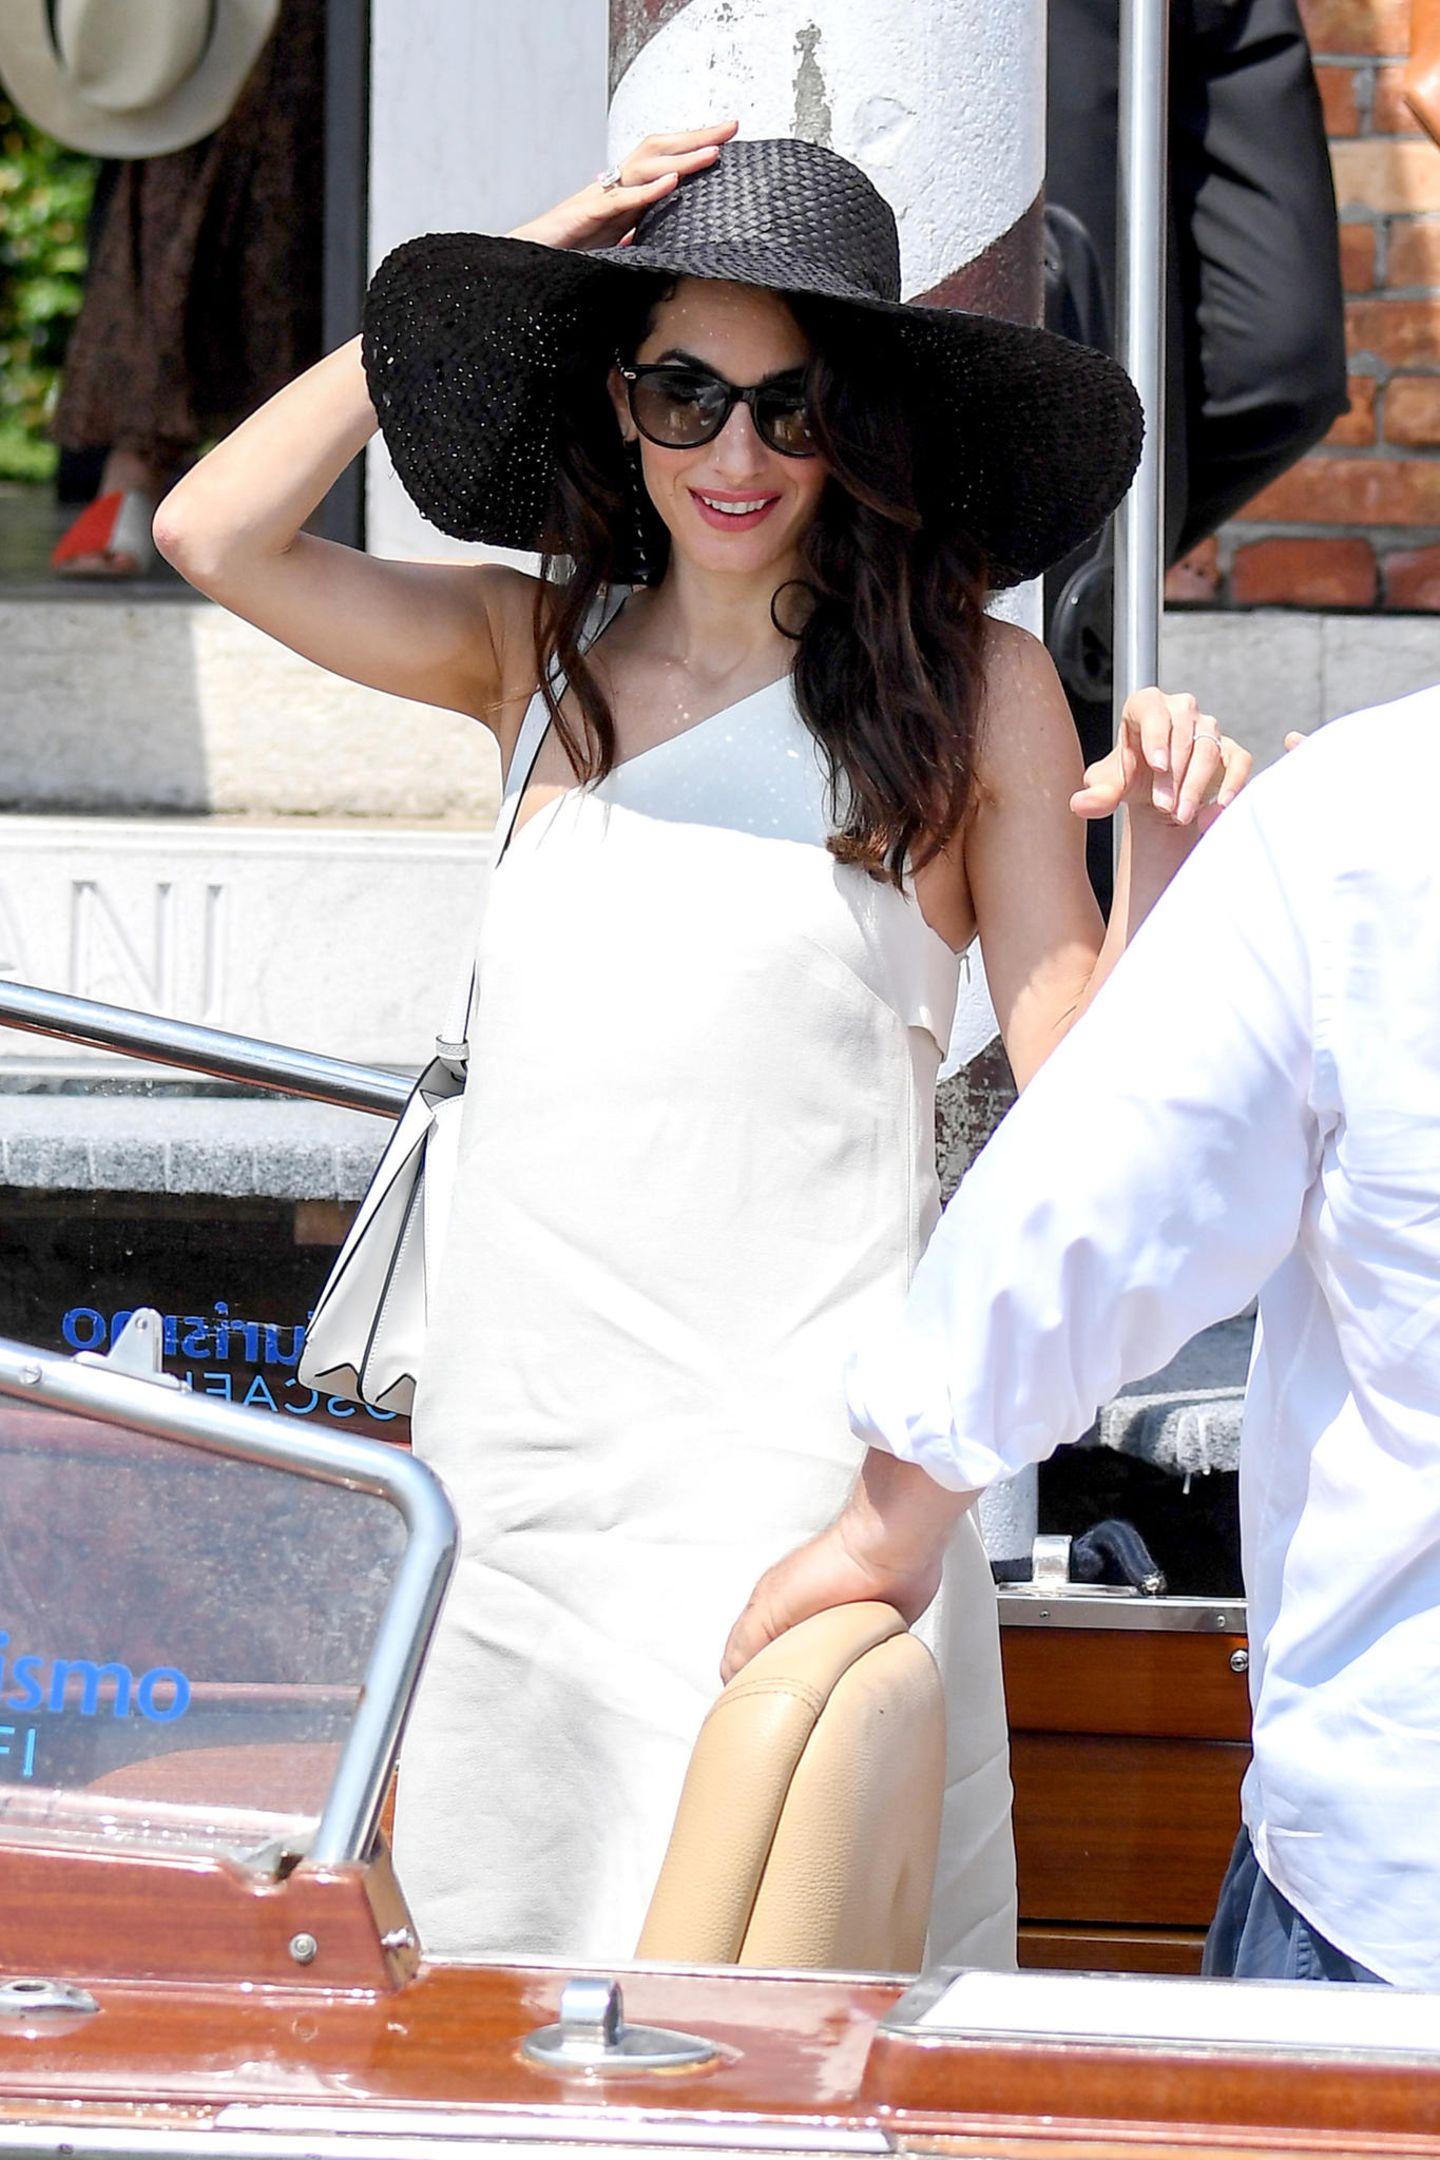 Das Kleid von Amal ist total schlicht geschnitten, wirkt durch den One-Shoulder-Cut jedoch äußerst raffiniert. Der Hut und die XXL-Sonnenbrille versprühen dazu den nötigen Glamour.